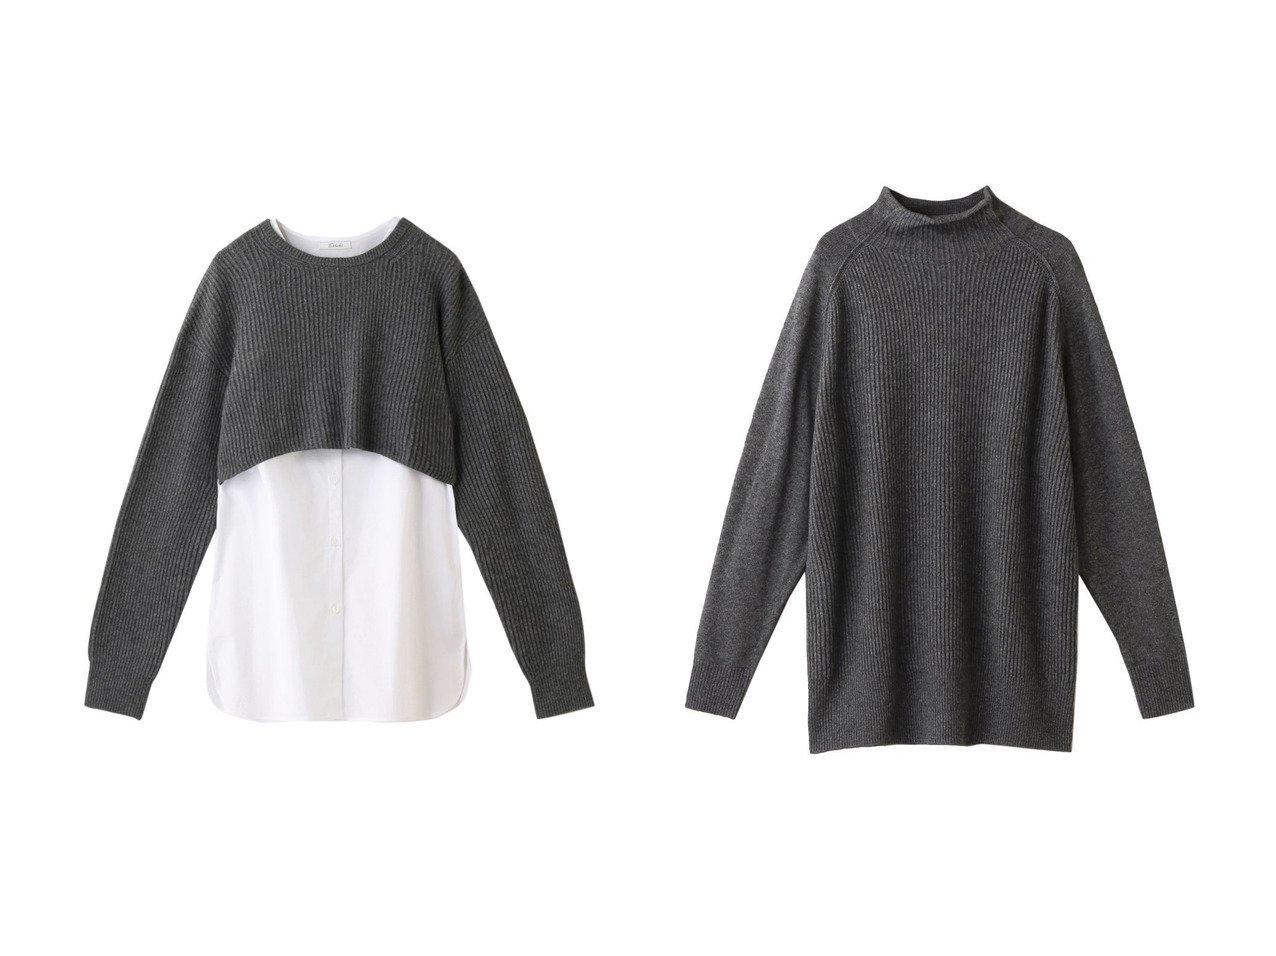 【Ezick/エジック】のシャツSETアゼショートプルオーバー&アゼハイネックプルオーバー トップス・カットソーのおすすめ!人気、トレンド・レディースファッションの通販 おすすめで人気の流行・トレンド、ファッションの通販商品 メンズファッション・キッズファッション・インテリア・家具・レディースファッション・服の通販 founy(ファニー) https://founy.com/ ファッション Fashion レディースファッション WOMEN トップス Tops Tshirt ニット Knit Tops シャツ/ブラウス Shirts Blouses プルオーバー Pullover カシミヤ ショート ブロード 畦 |ID:crp329100000011015